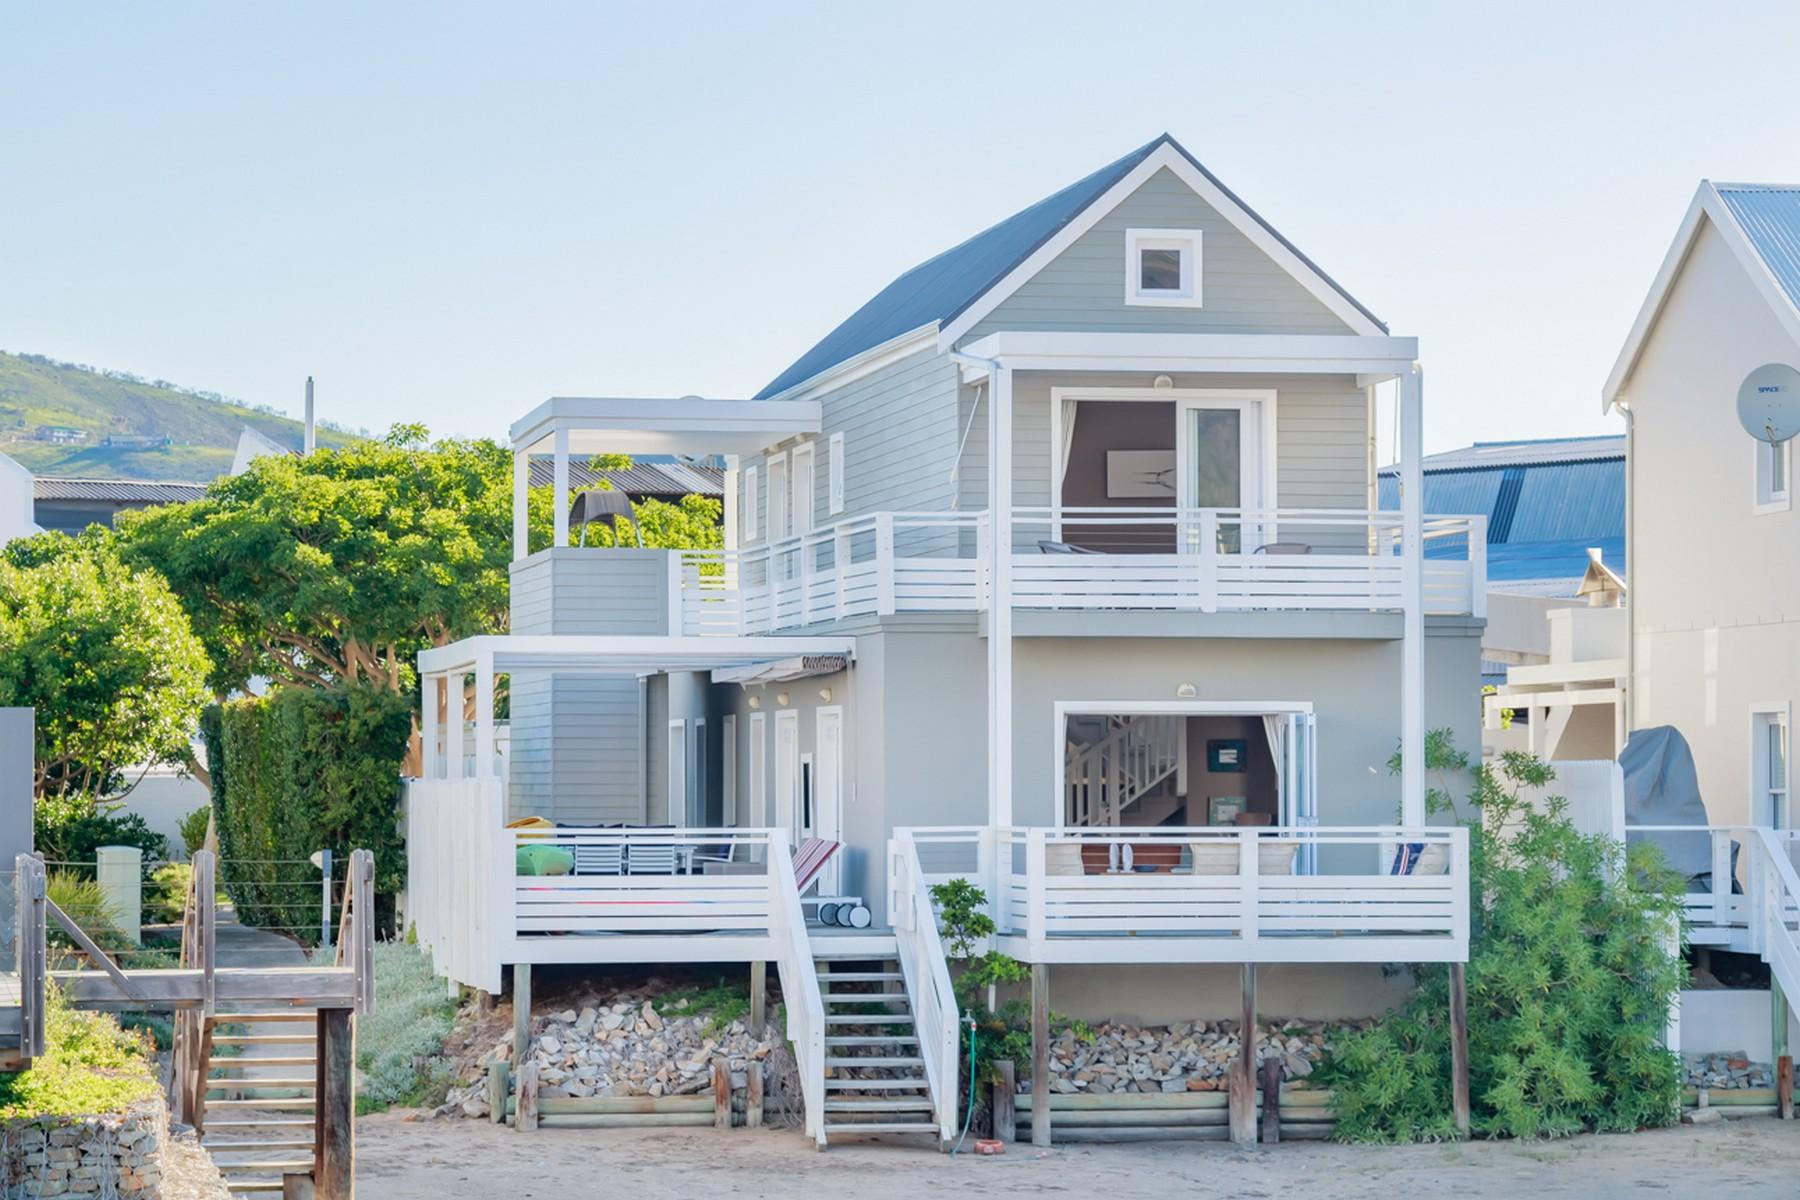 独户住宅 为 销售 在 Knysna 克尼斯纳, 西开普省, 6571 南非